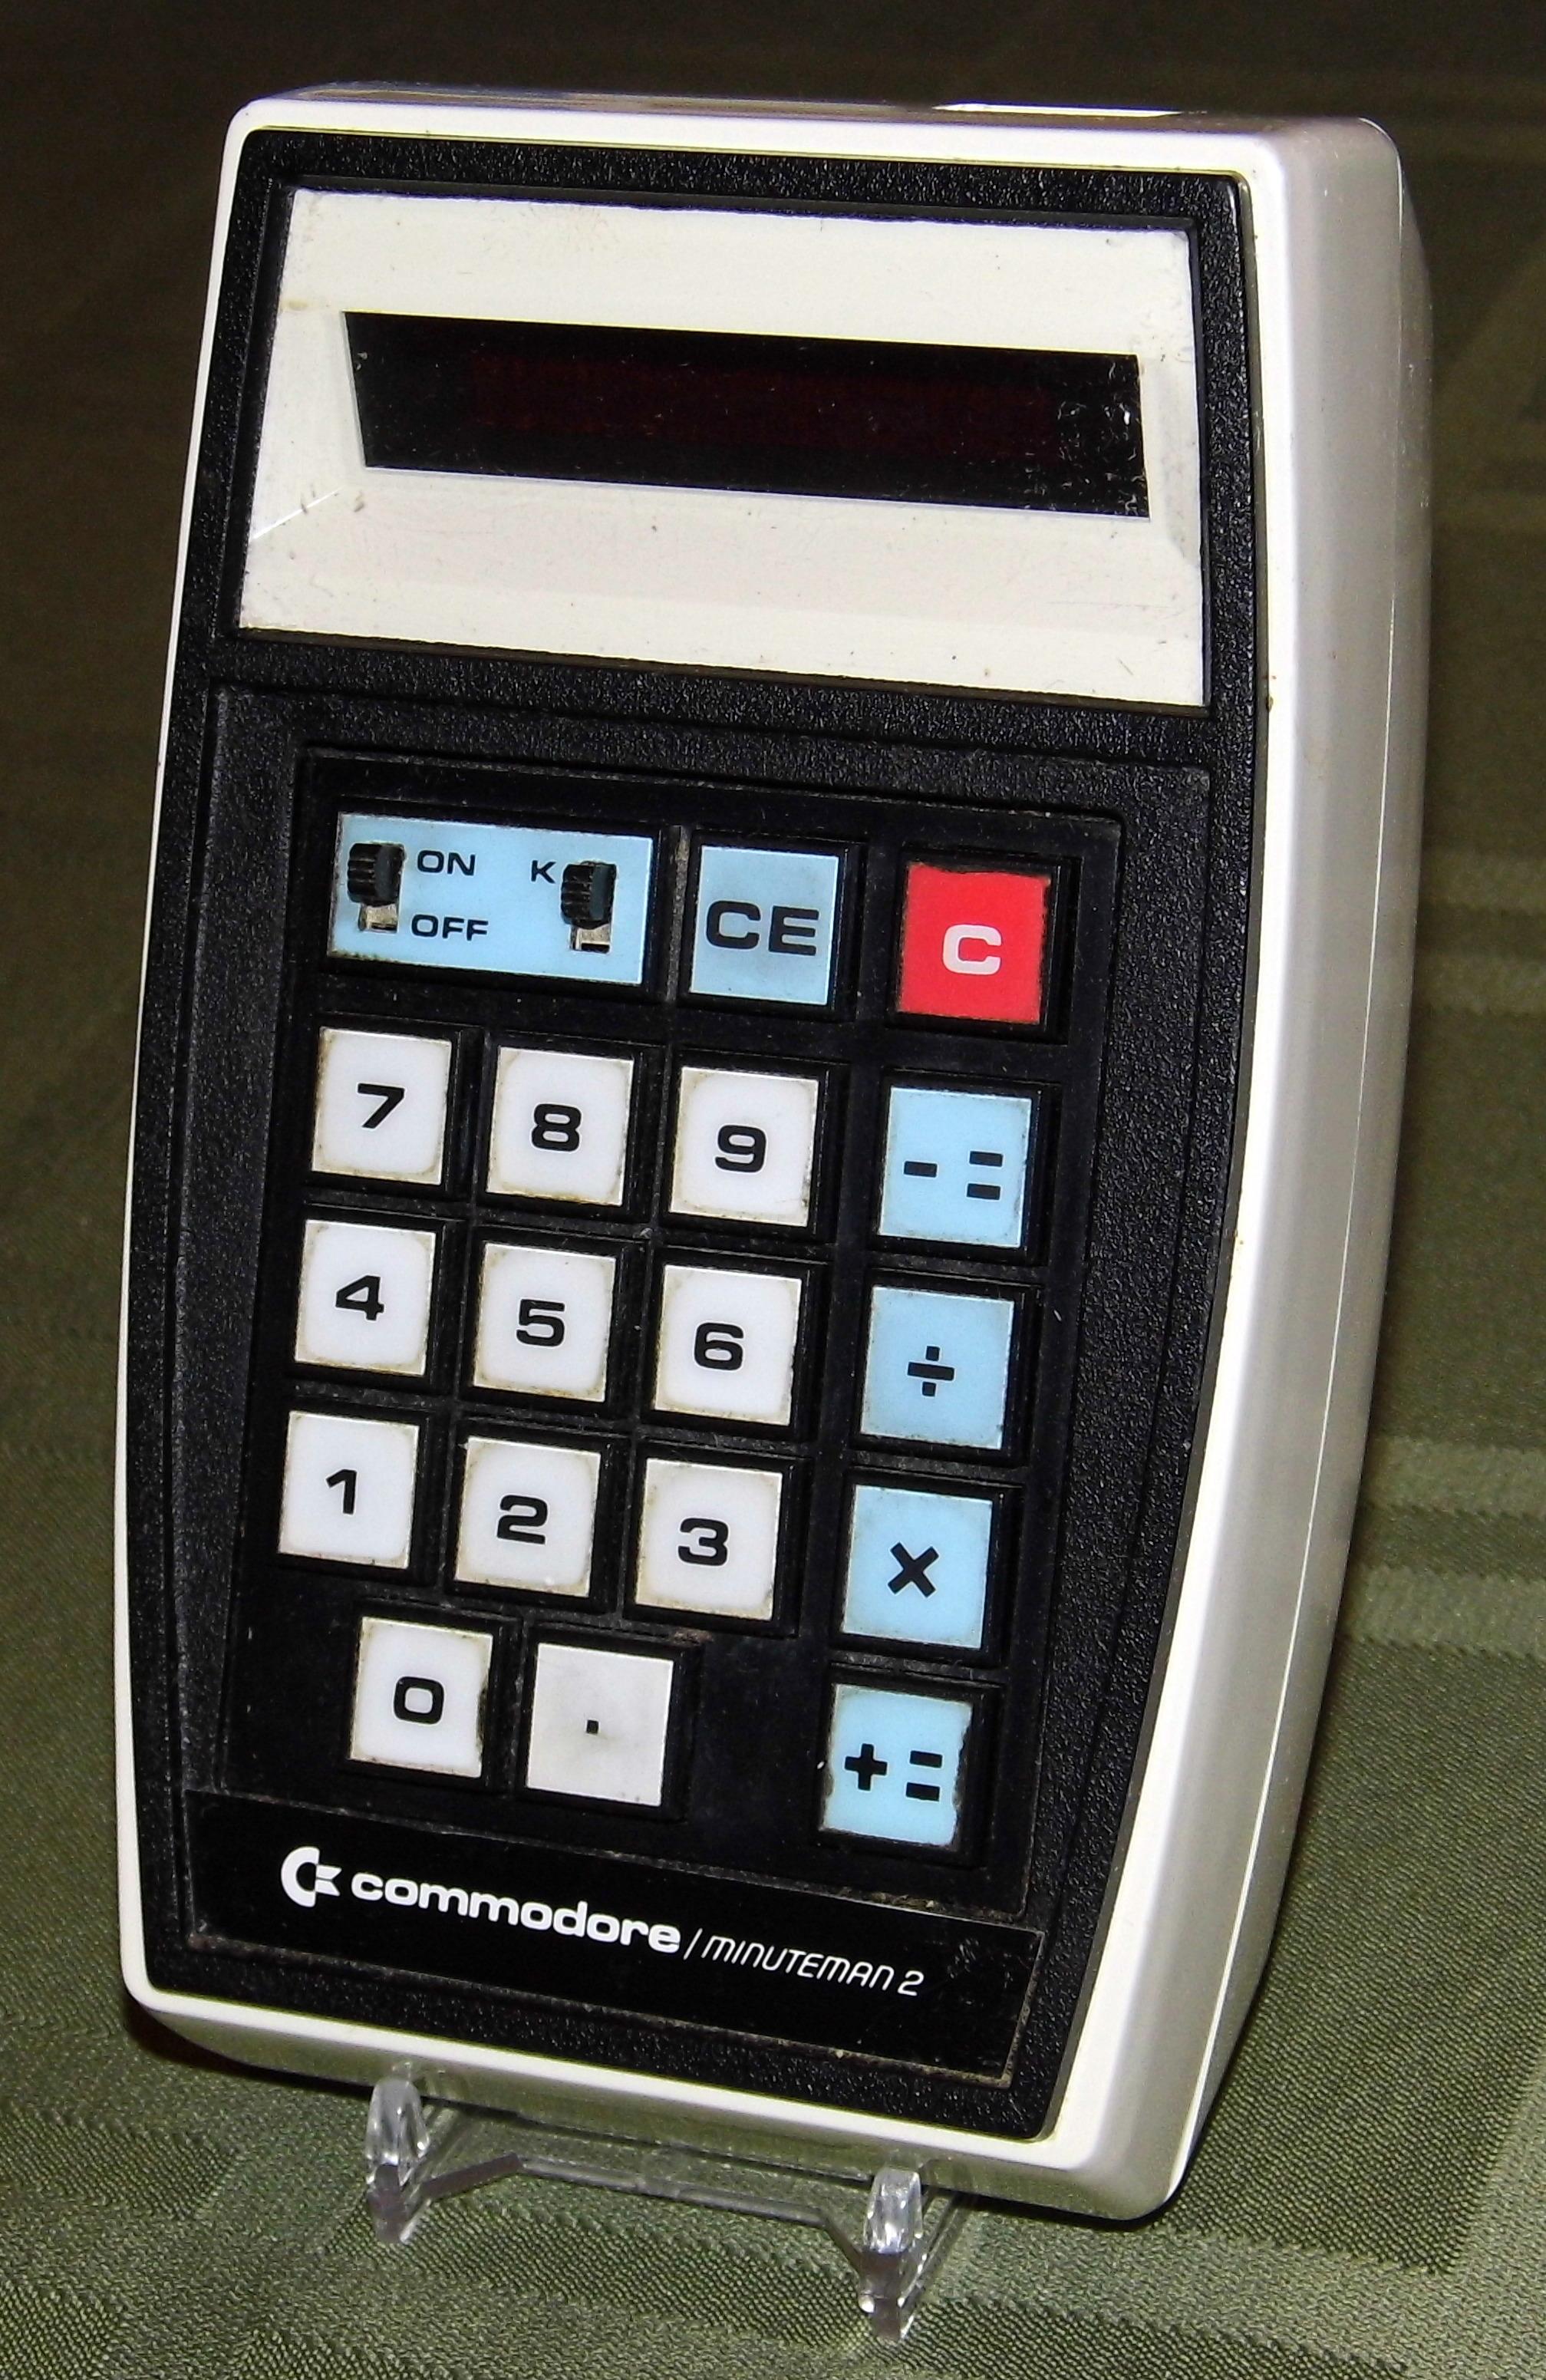 Commodore Minuteman 2